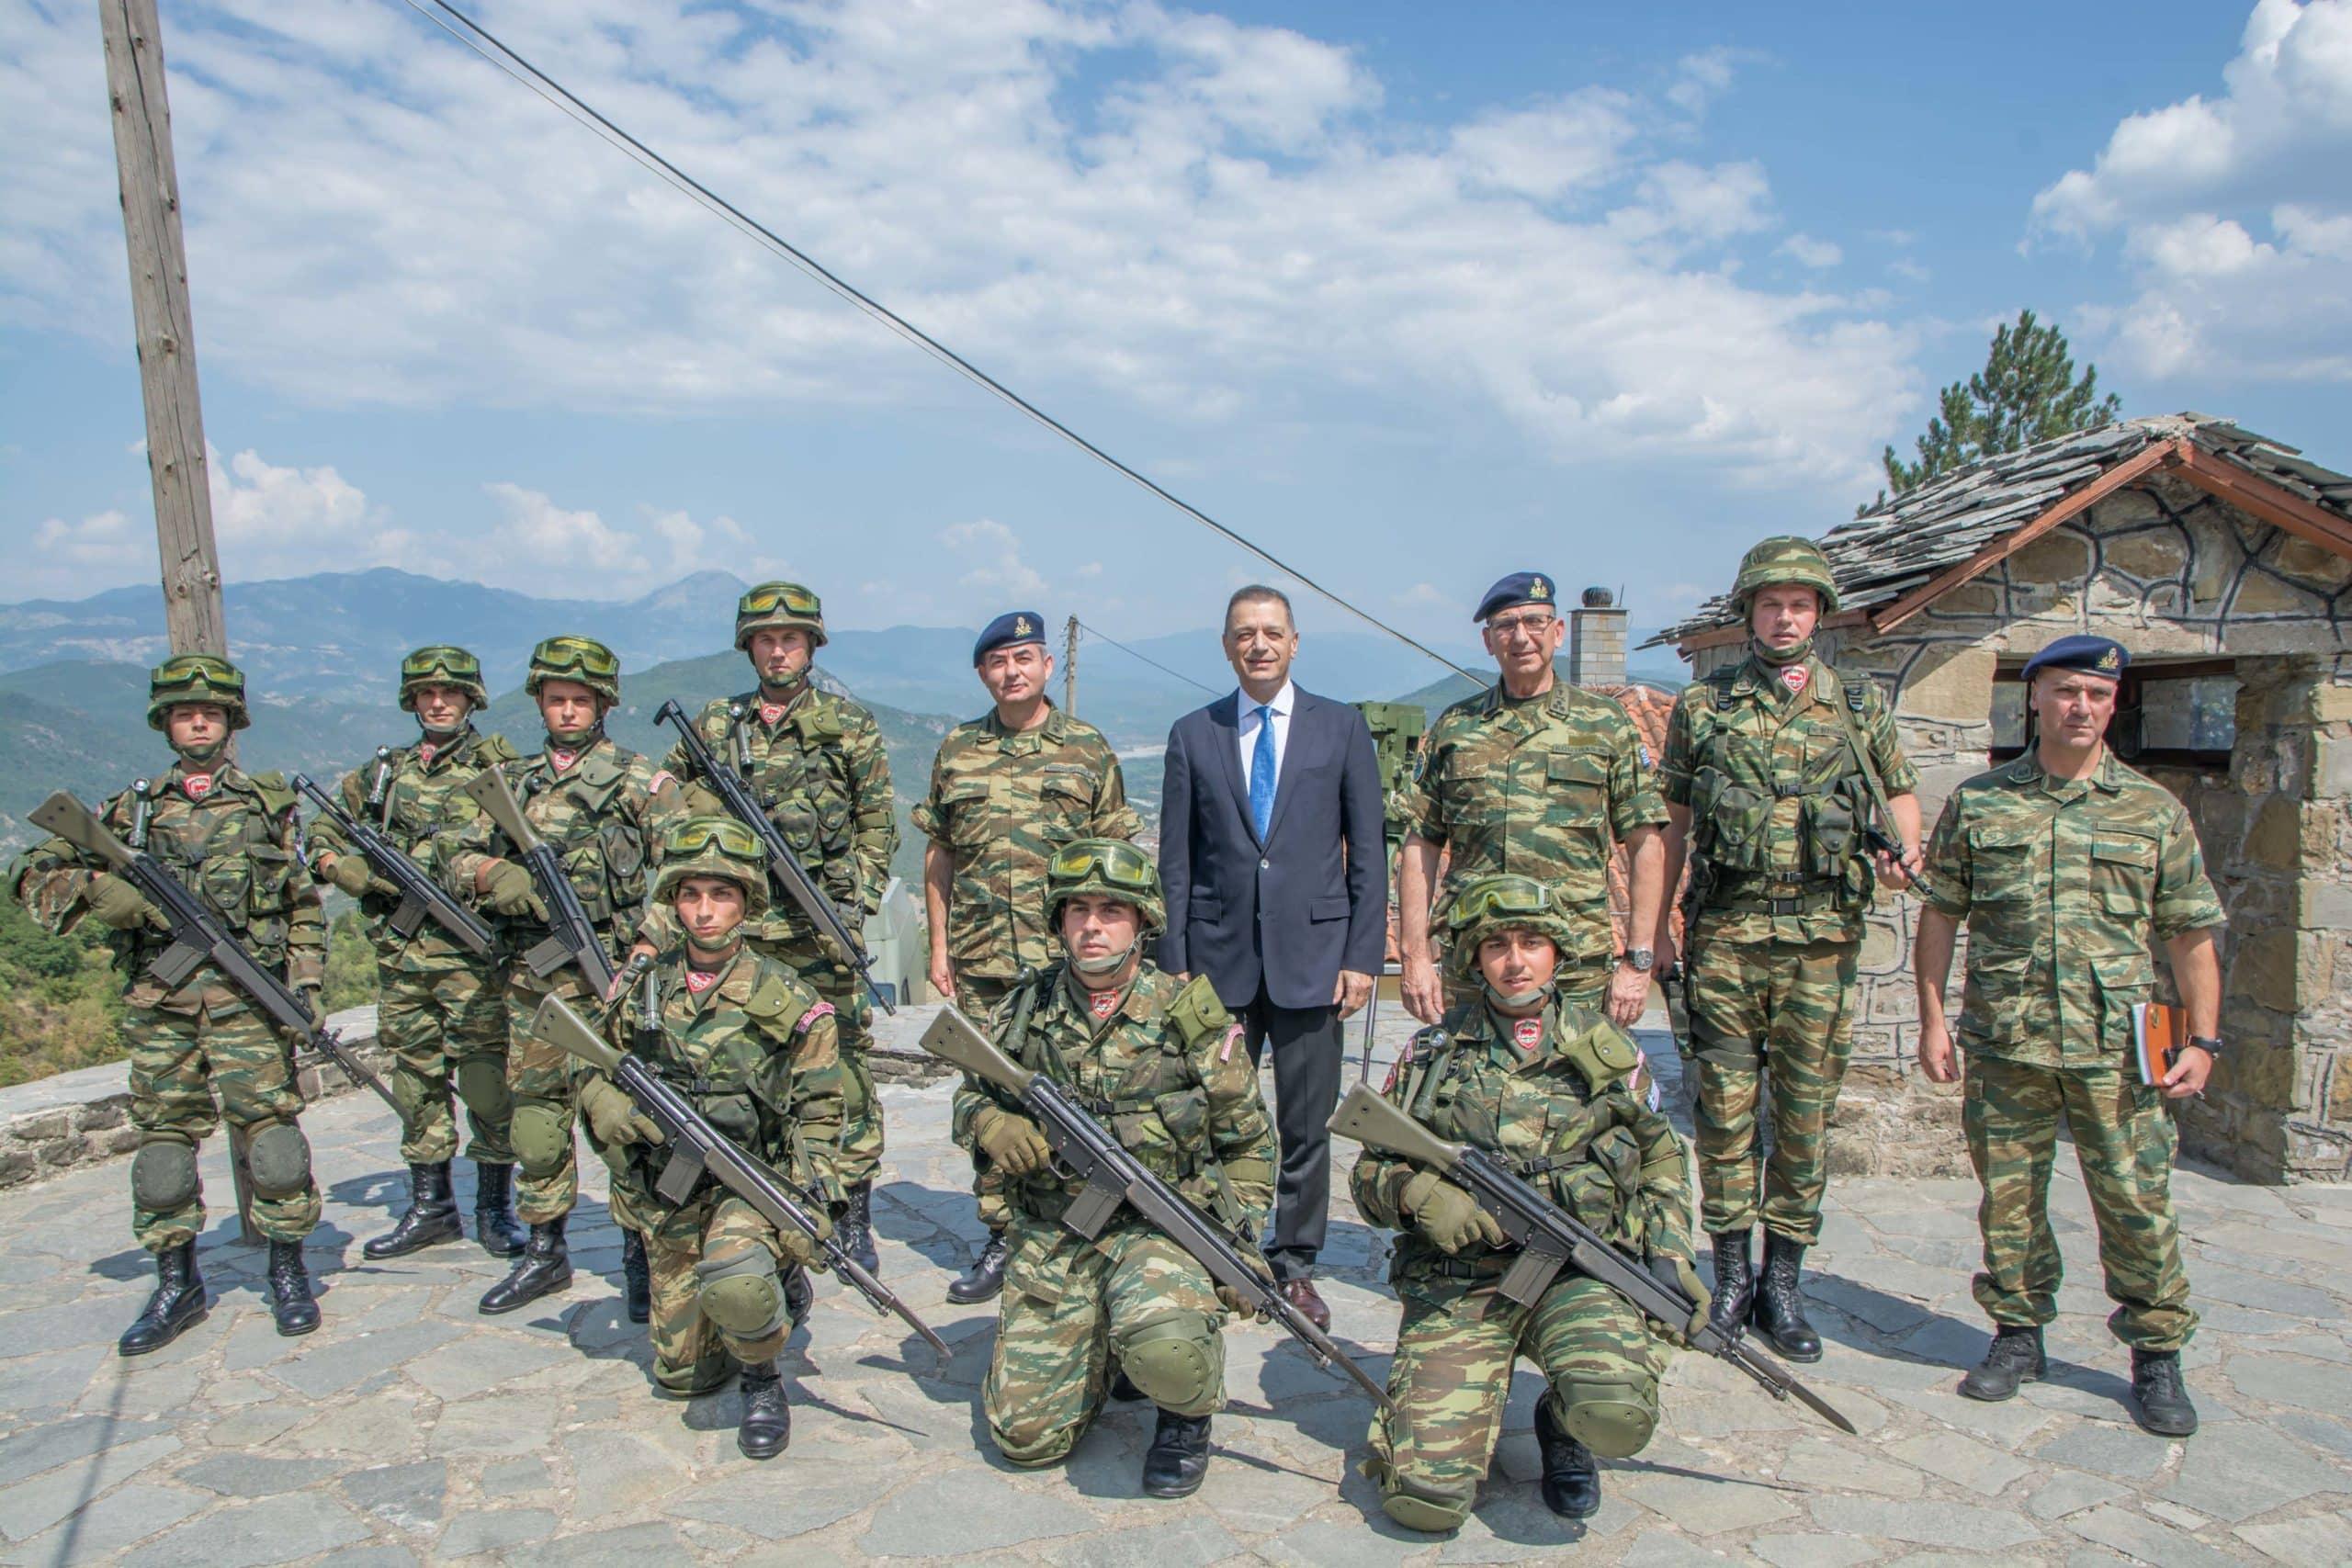 Αλβανική μεθόριος: Αλλάζει η απειλή -Οδηγίες Στεφανή-Σημεία επέμβασης